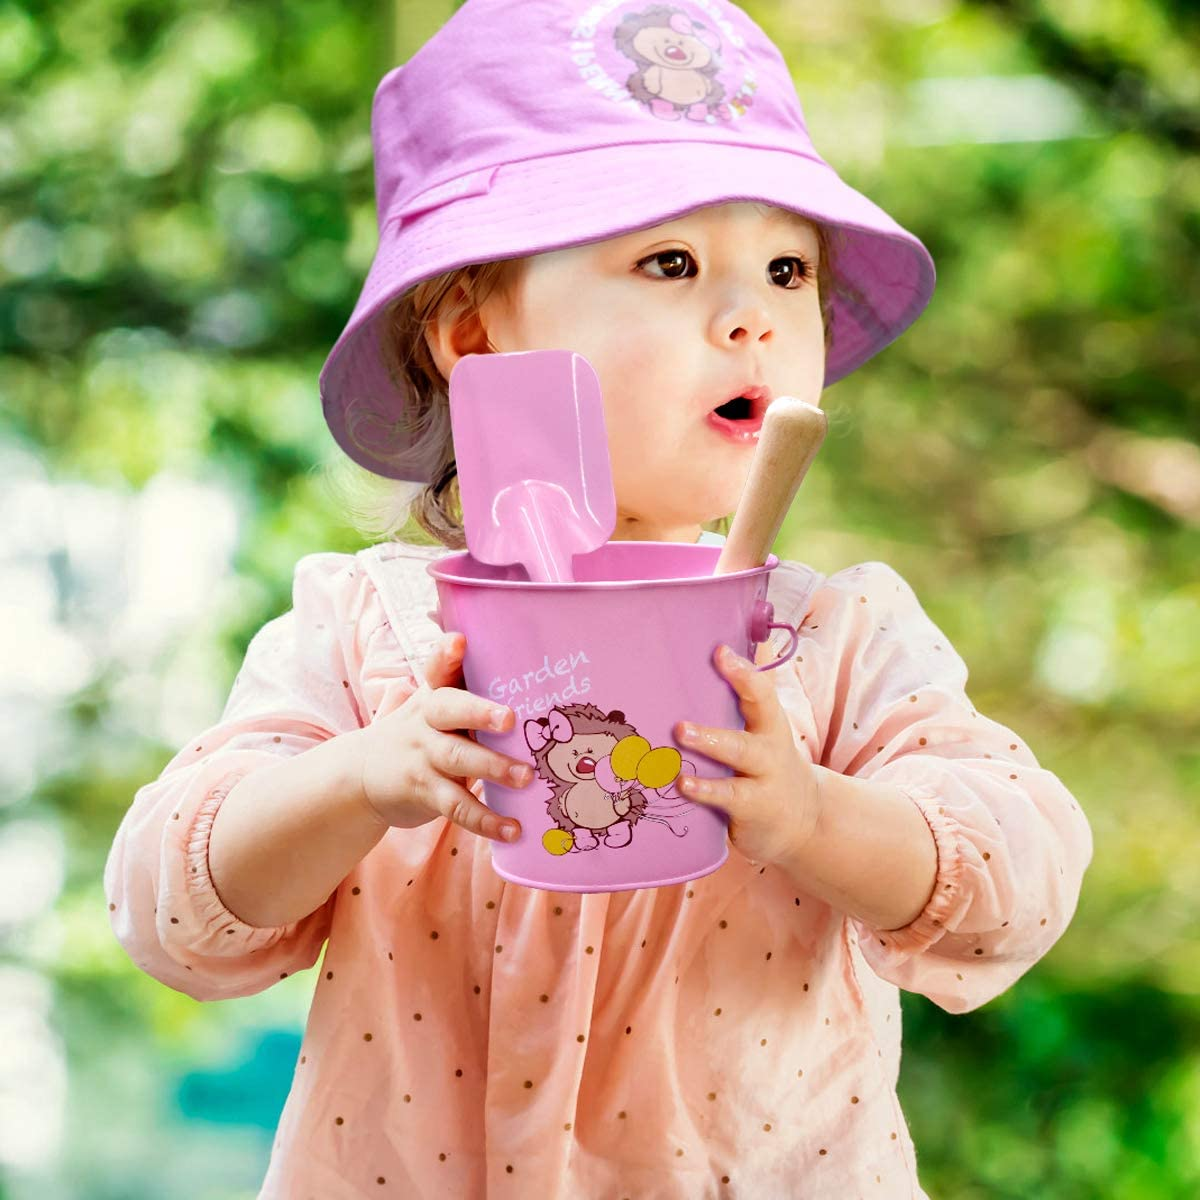 Gardening Tools for Kids Gardening Gloves and Tote Bag Jardineer Kids Gardening Set Metal Pink